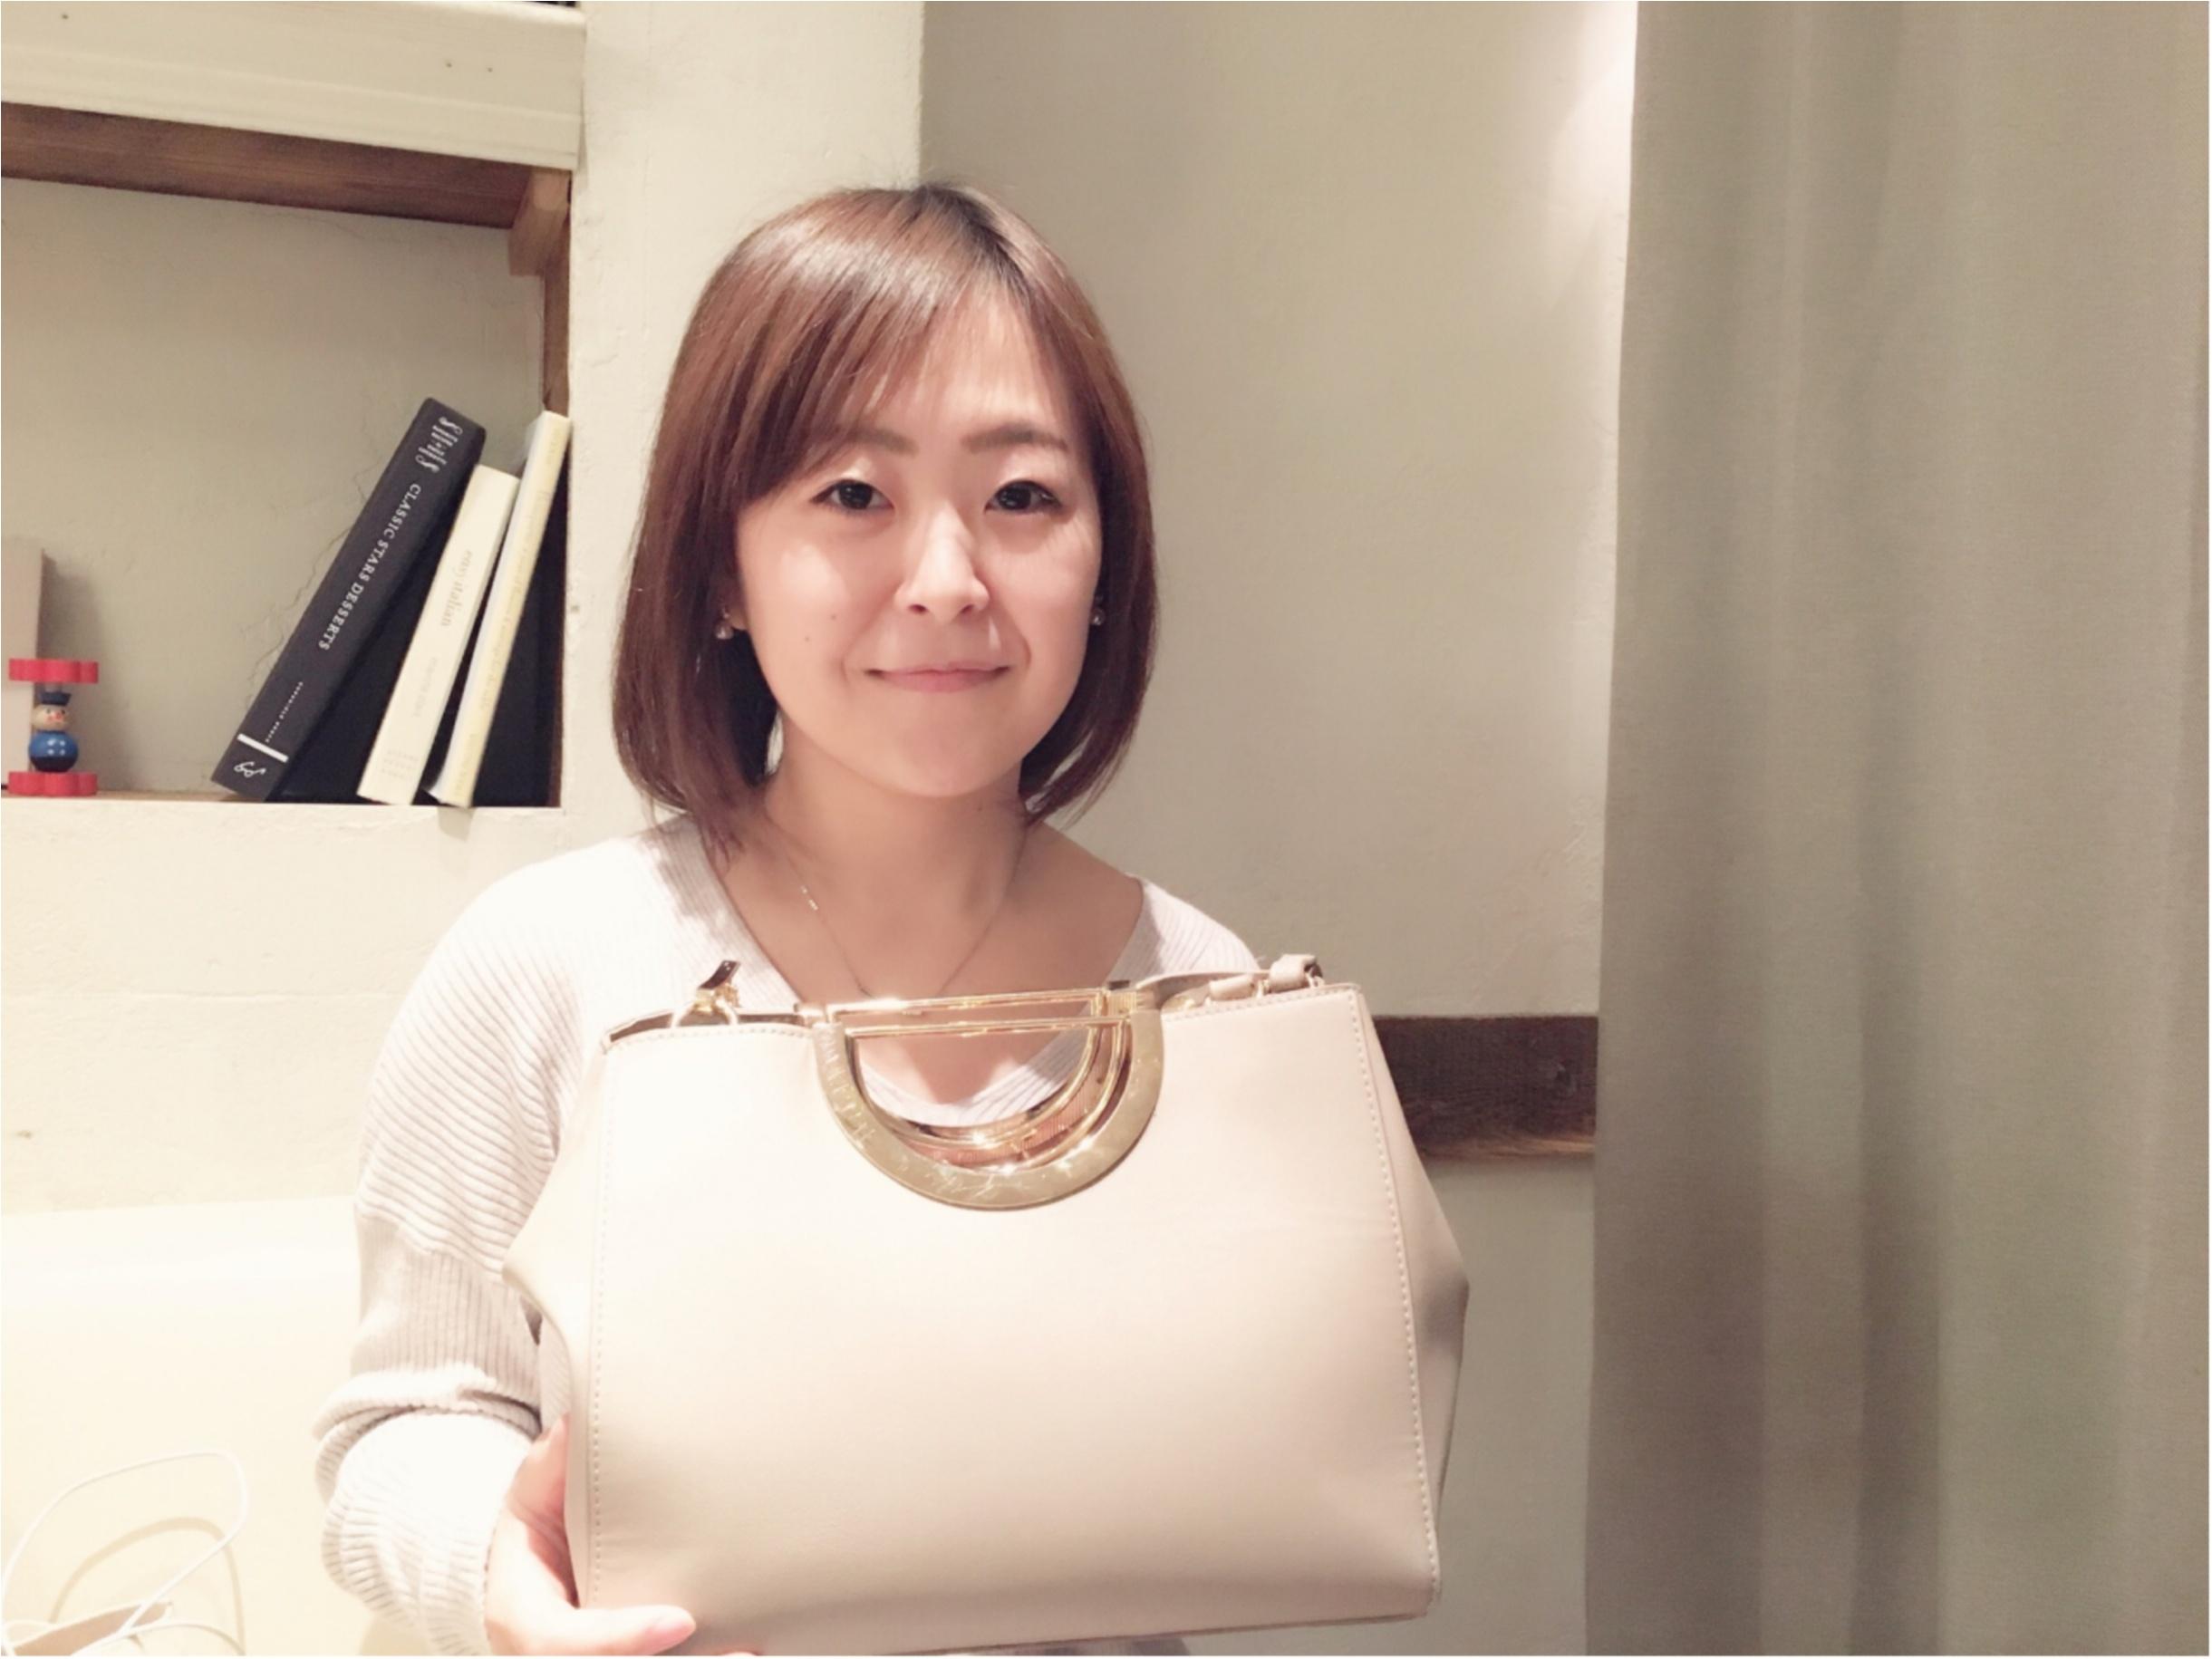 みんなどんなバッグ使ってるの? 憧れブランドもまとめて「愛用バッグ」まとめ♡♡_1_13